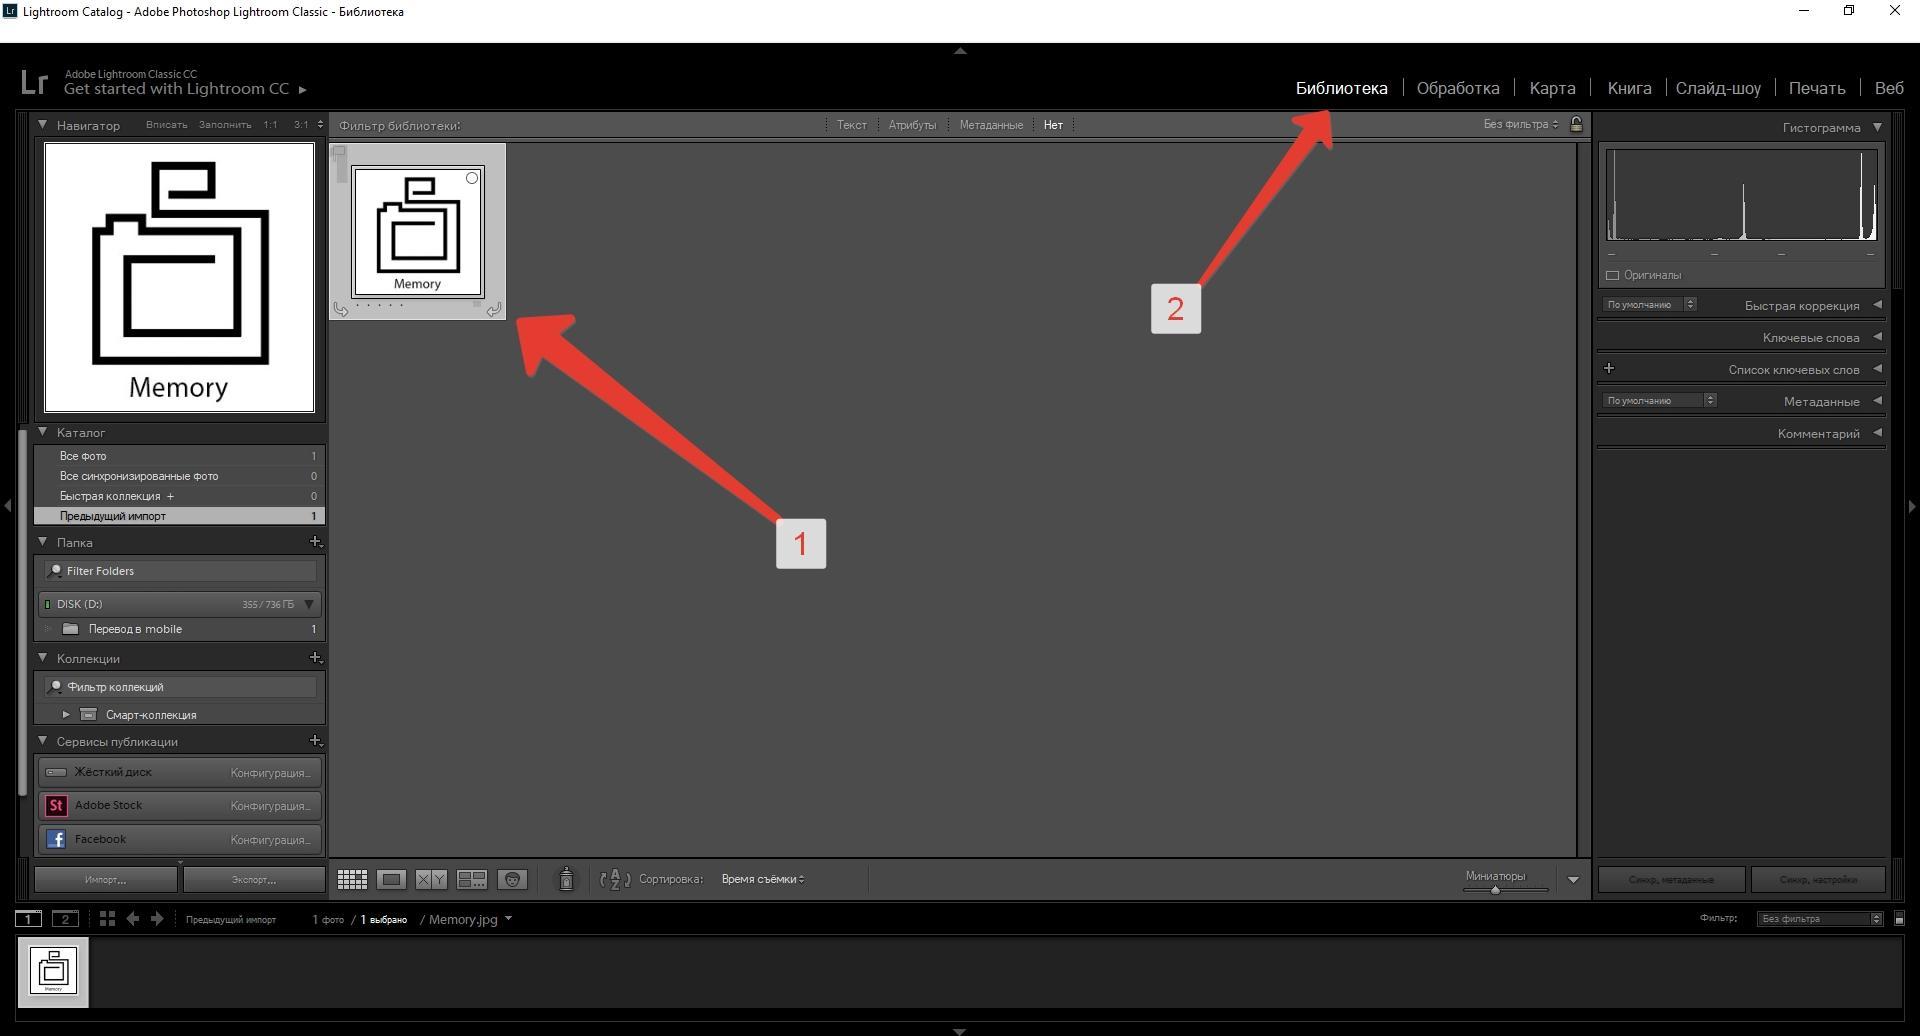 Инструкция по конвертации пресетов из формата  lrtemplate в